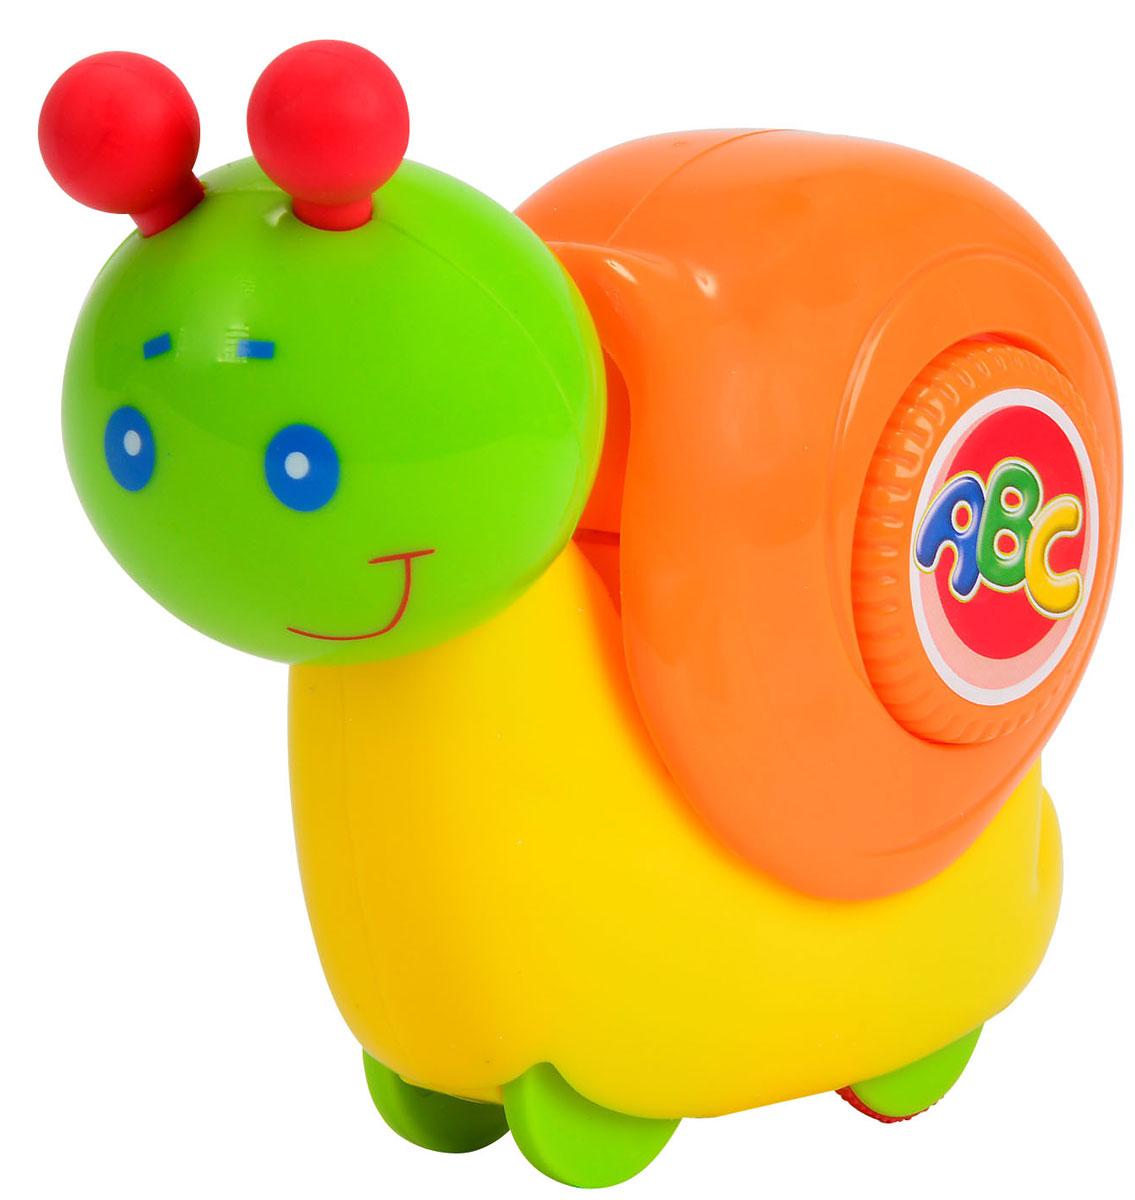 Simba Игрушка Улитка4011066Замечательная игрушка Simba Улитка вызовет улыбку и положительные эмоции у вашего малыша. У игрушки симпатичное личико, забавные рожки и большой оранжевый домик. При надавливании сверху на домик улитки, она начинает двигаться. Голова игрушки подвижна - улитка умеет кивать. А ещё игрушку можно катать по полу - она дополнена маленькими колесиками. Благодаря данной игрушке ребенок будет развивать мелкую моторику, цветовое восприятие и воображение.